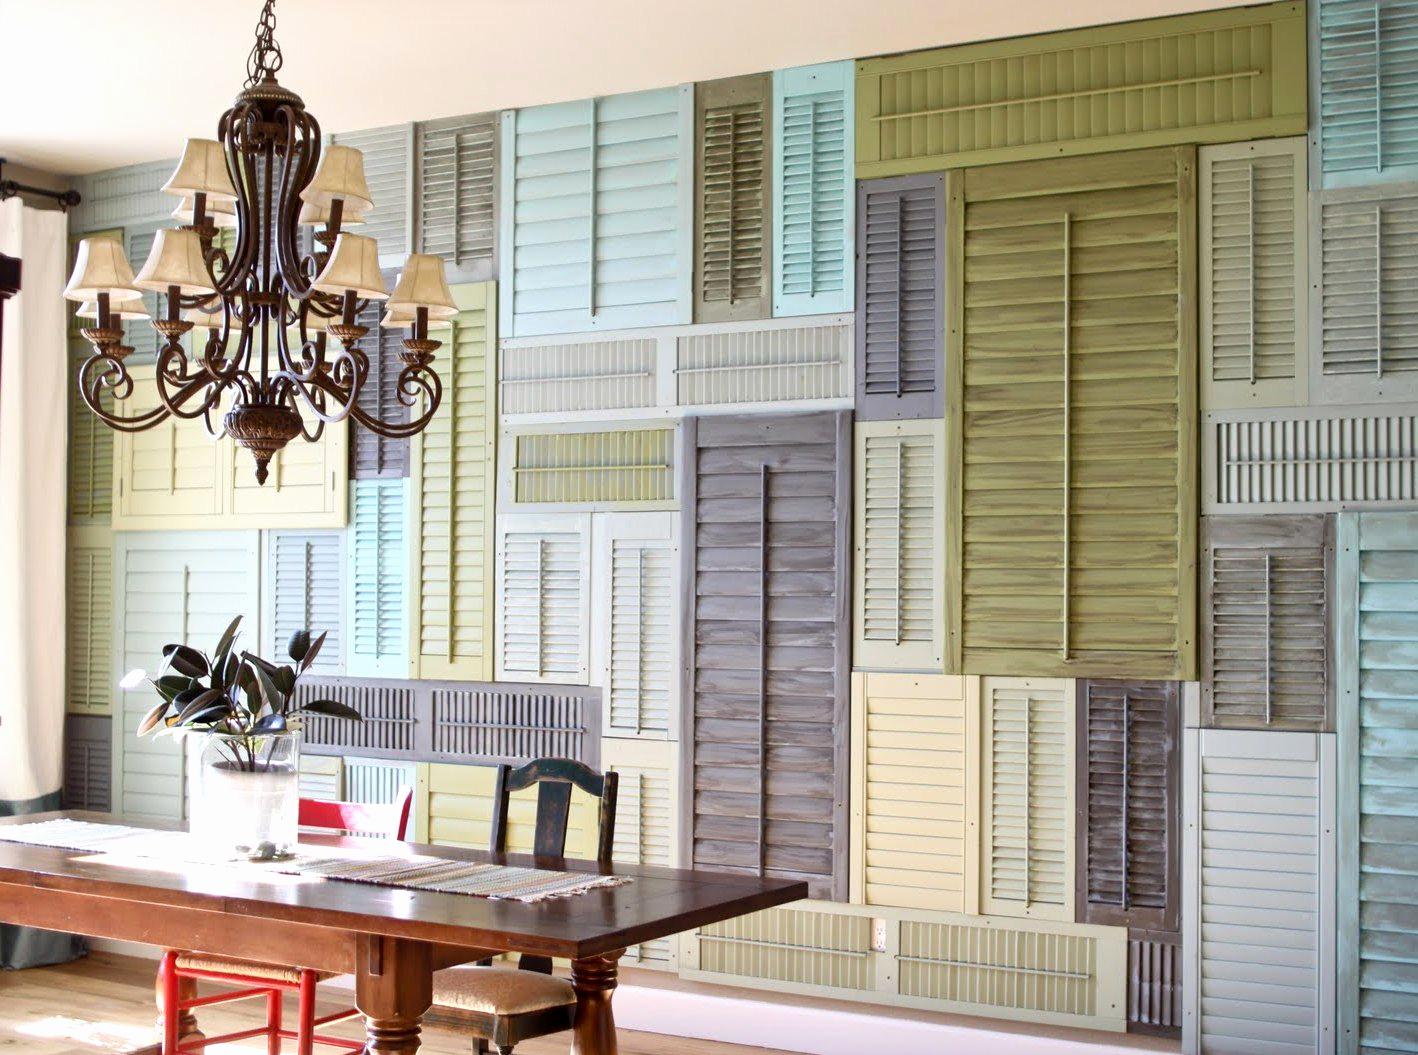 wanddekoration selber machen das beste von wanddeko wohnzimmer selber machen neu garten deko ideen zum selber of wanddekoration selber machen